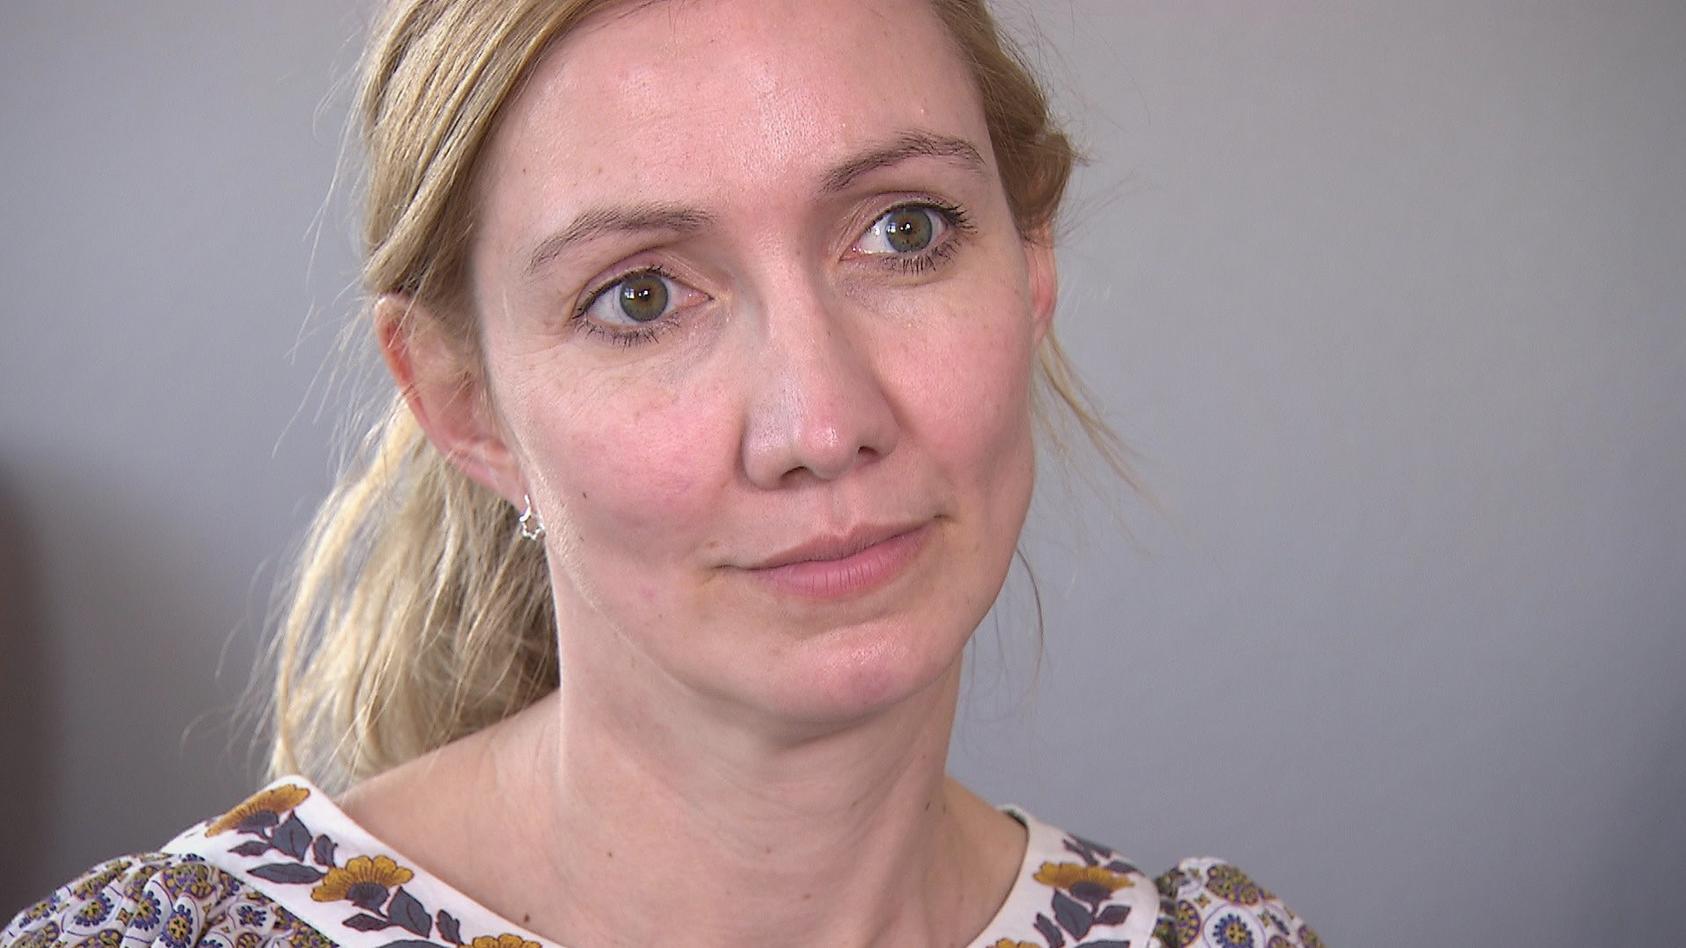 Prof. Sandra Ciesek leitet die Virologie am Universitätsklinikum Frankfurt